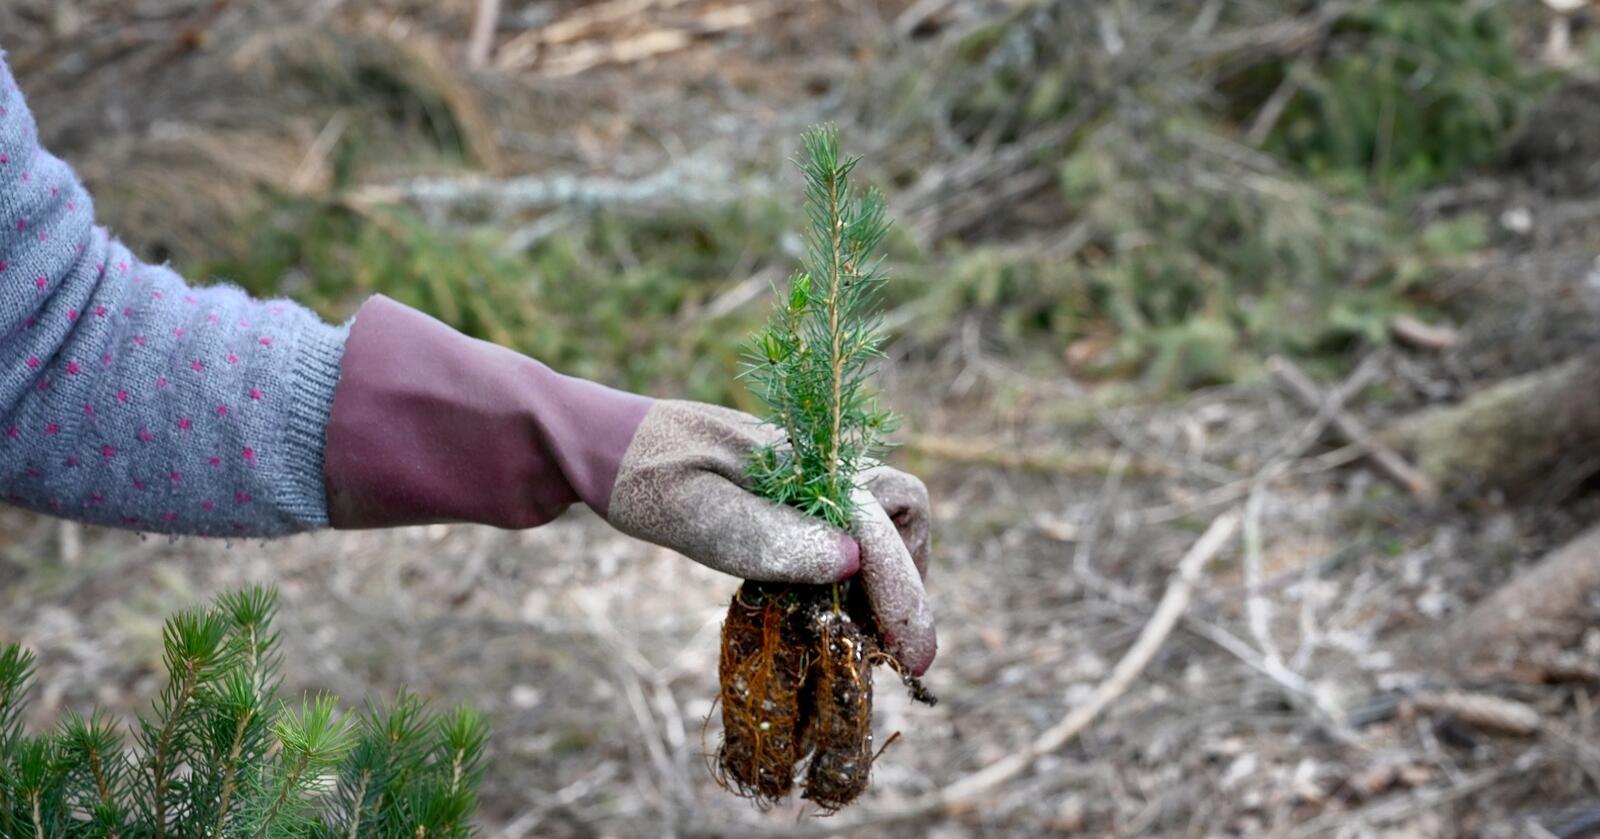 Regjeringen innrømmer at mindre penger til tiltak som skogplanting kan føre til redusert opptak av CO2. Foto: Mariann Tvete